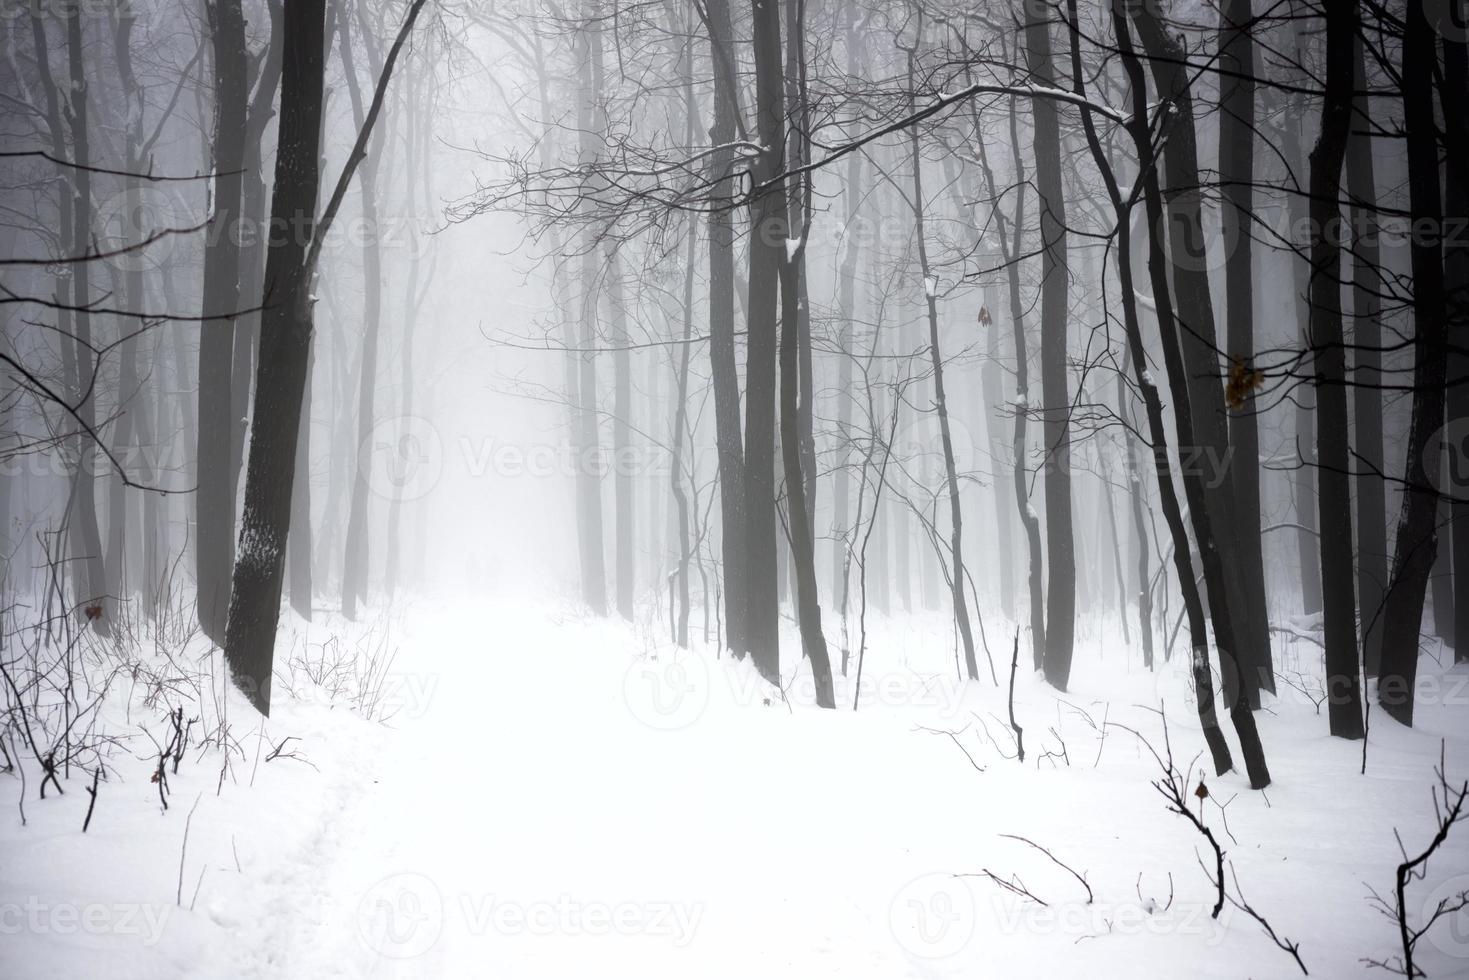 bosque de niebla de invierno foto